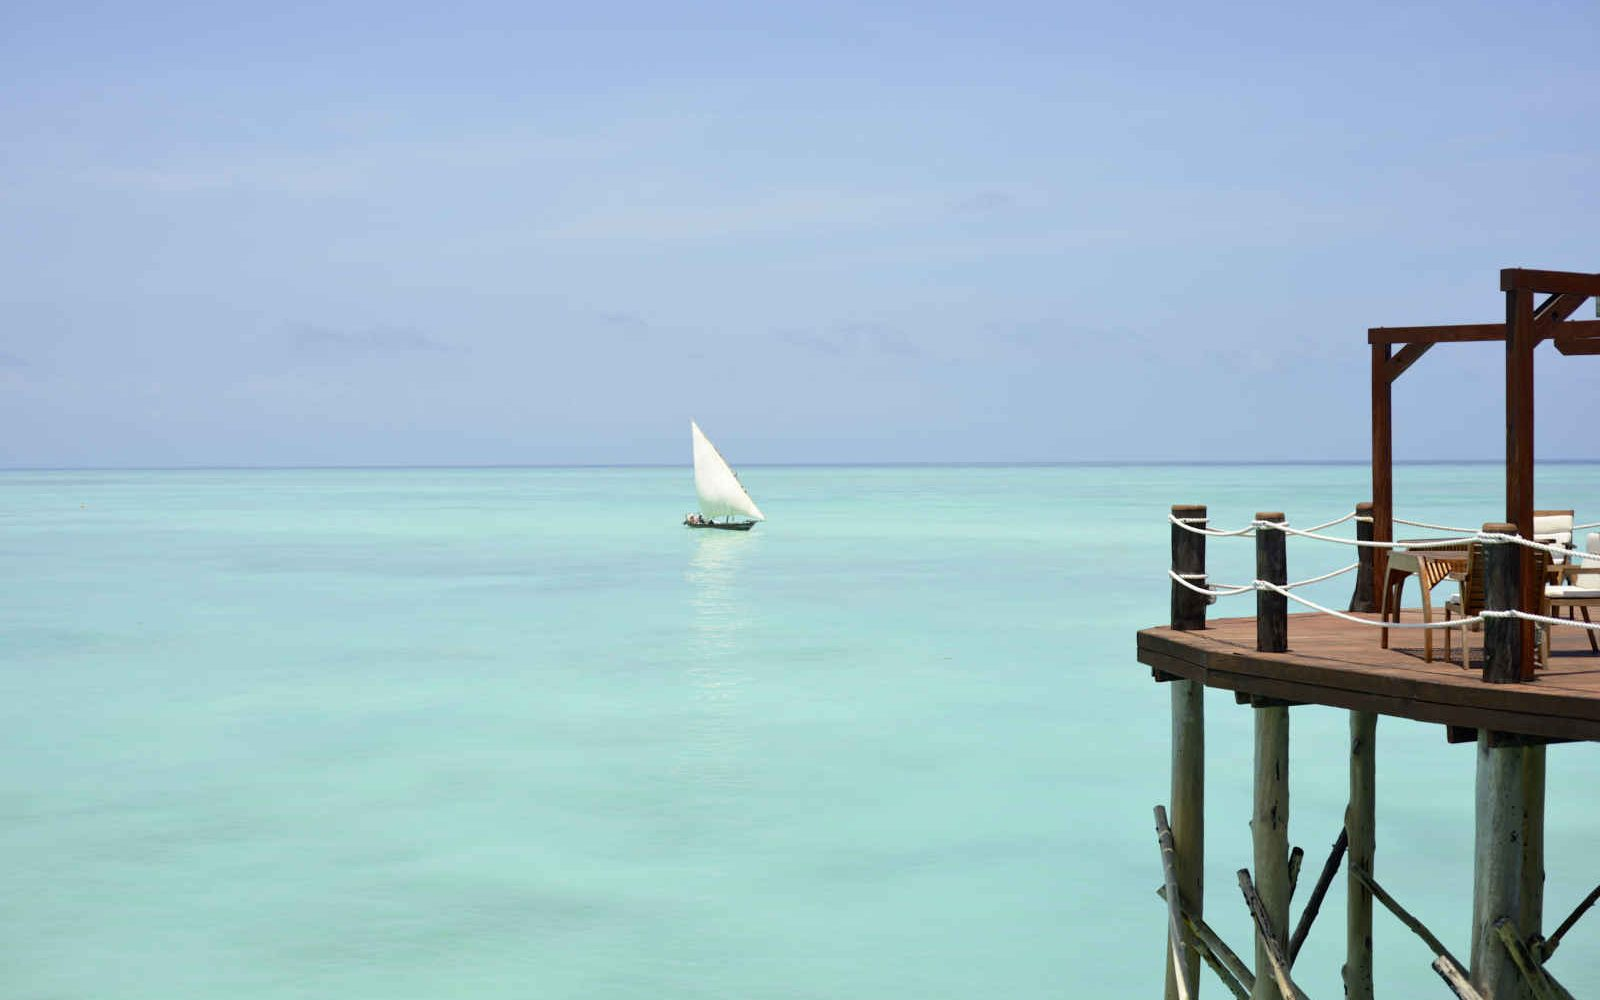 Jetée en bois sur la mer avec vue sur un Dhow, Zanzibar, Tanzanie